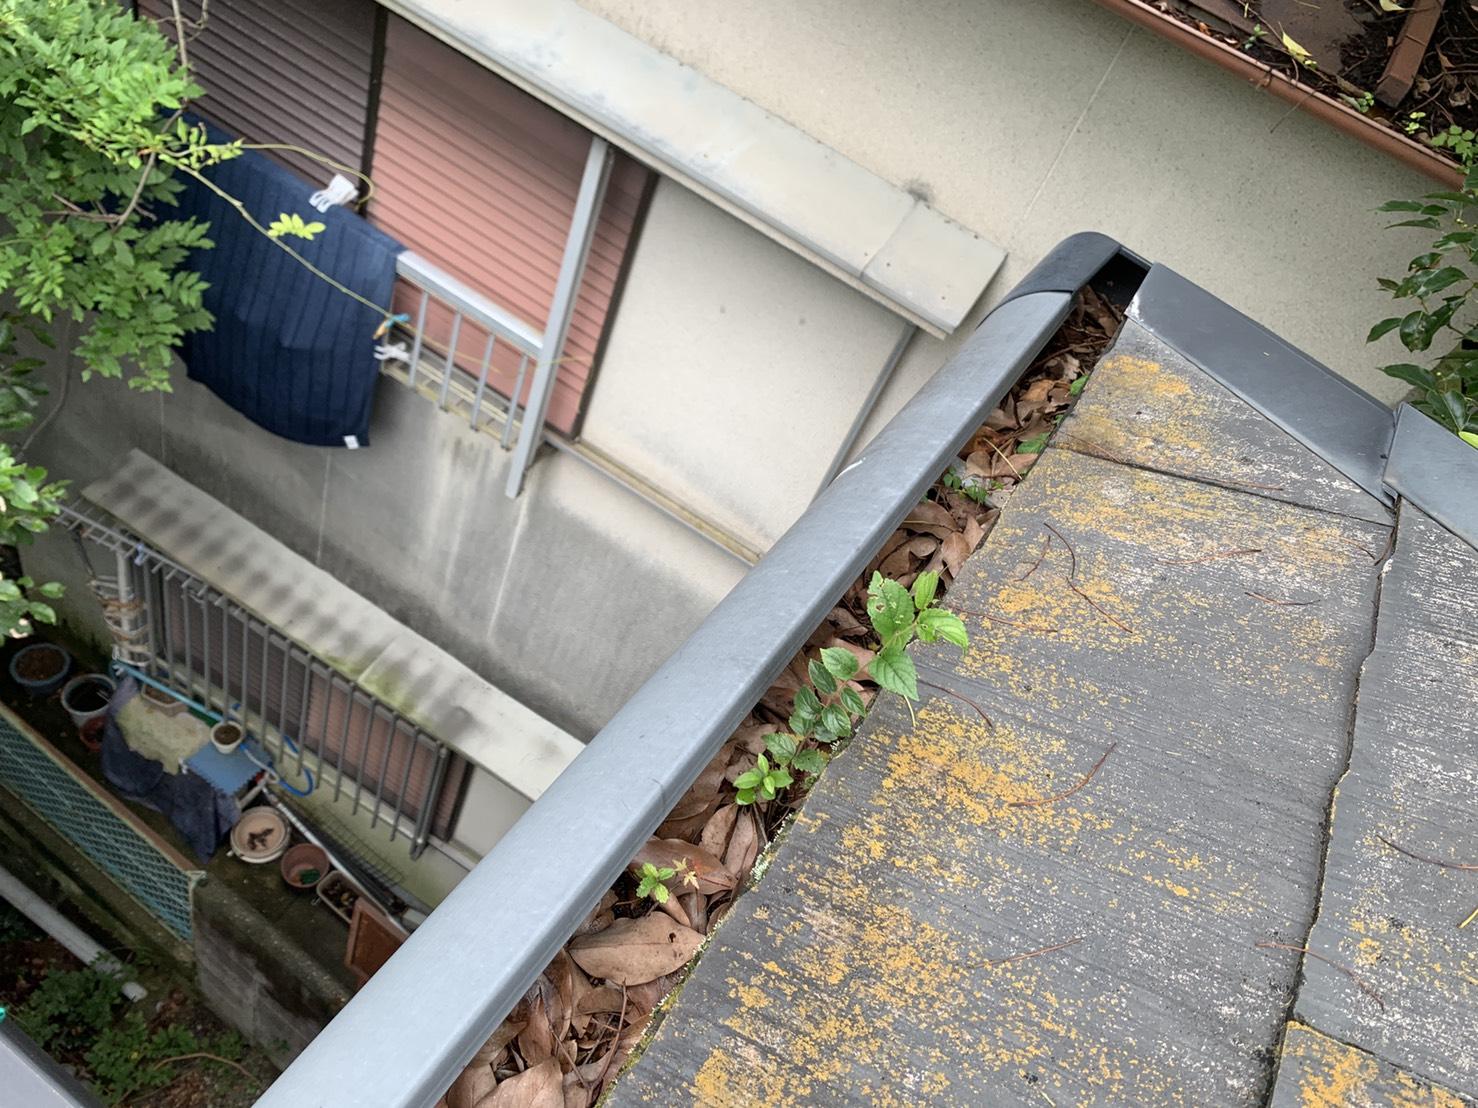 落ち葉が完全に詰まり大雨で水漏れしている雨樋